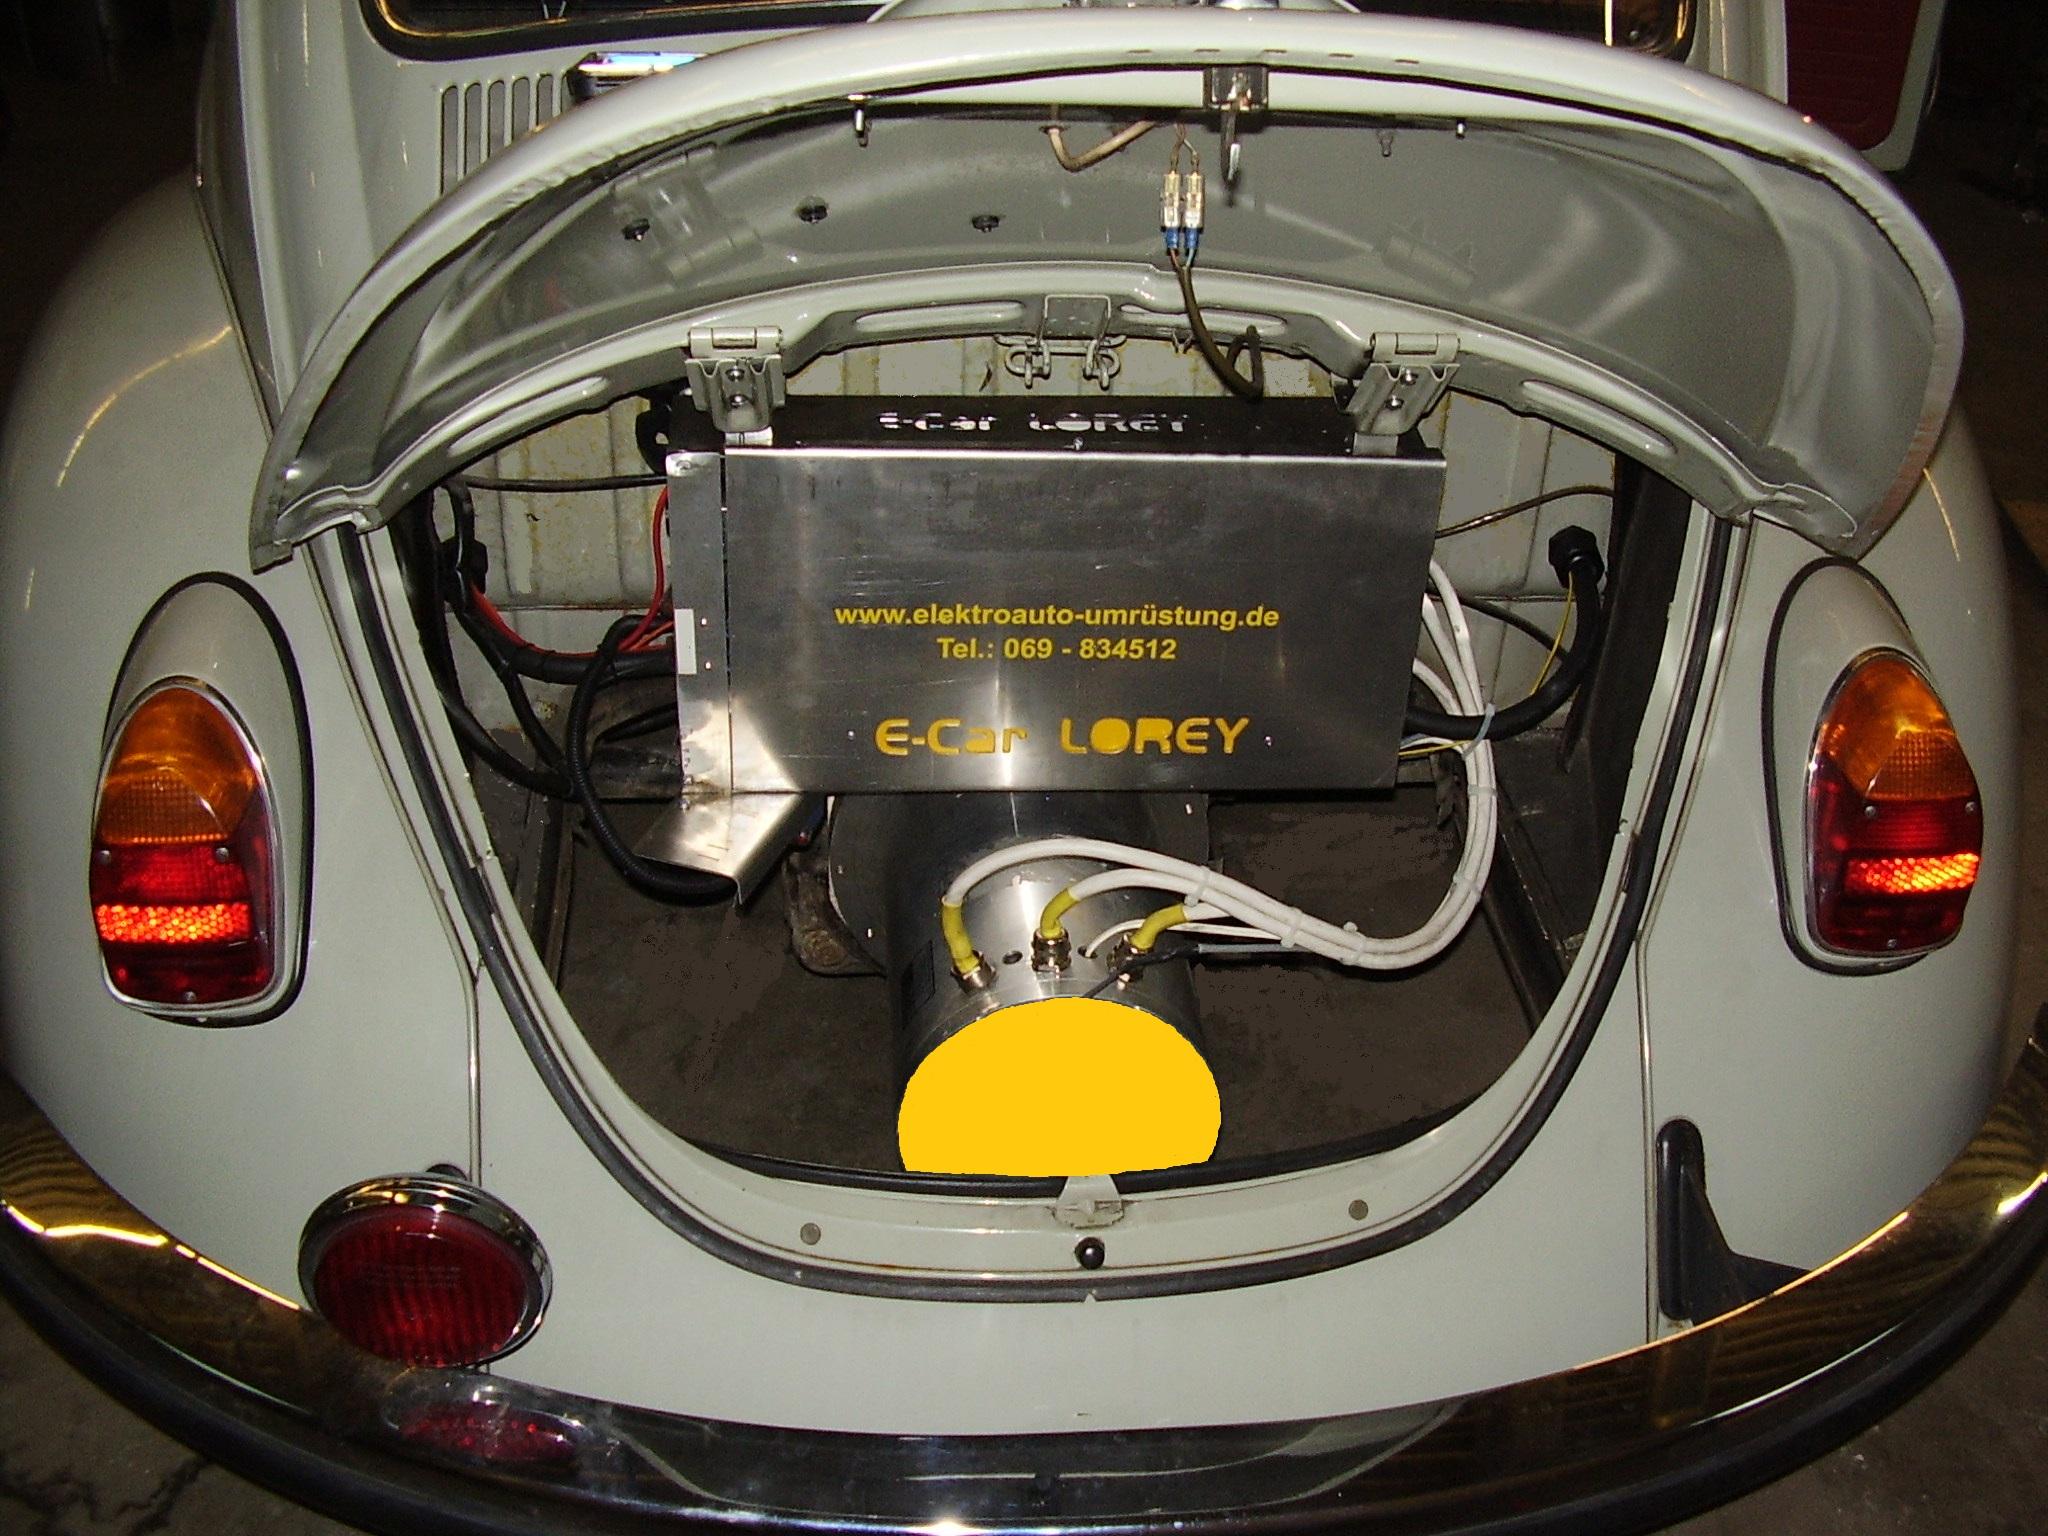 elektroauto umr stung f r vw k fer t1 t2 und t3 k ferblog. Black Bedroom Furniture Sets. Home Design Ideas